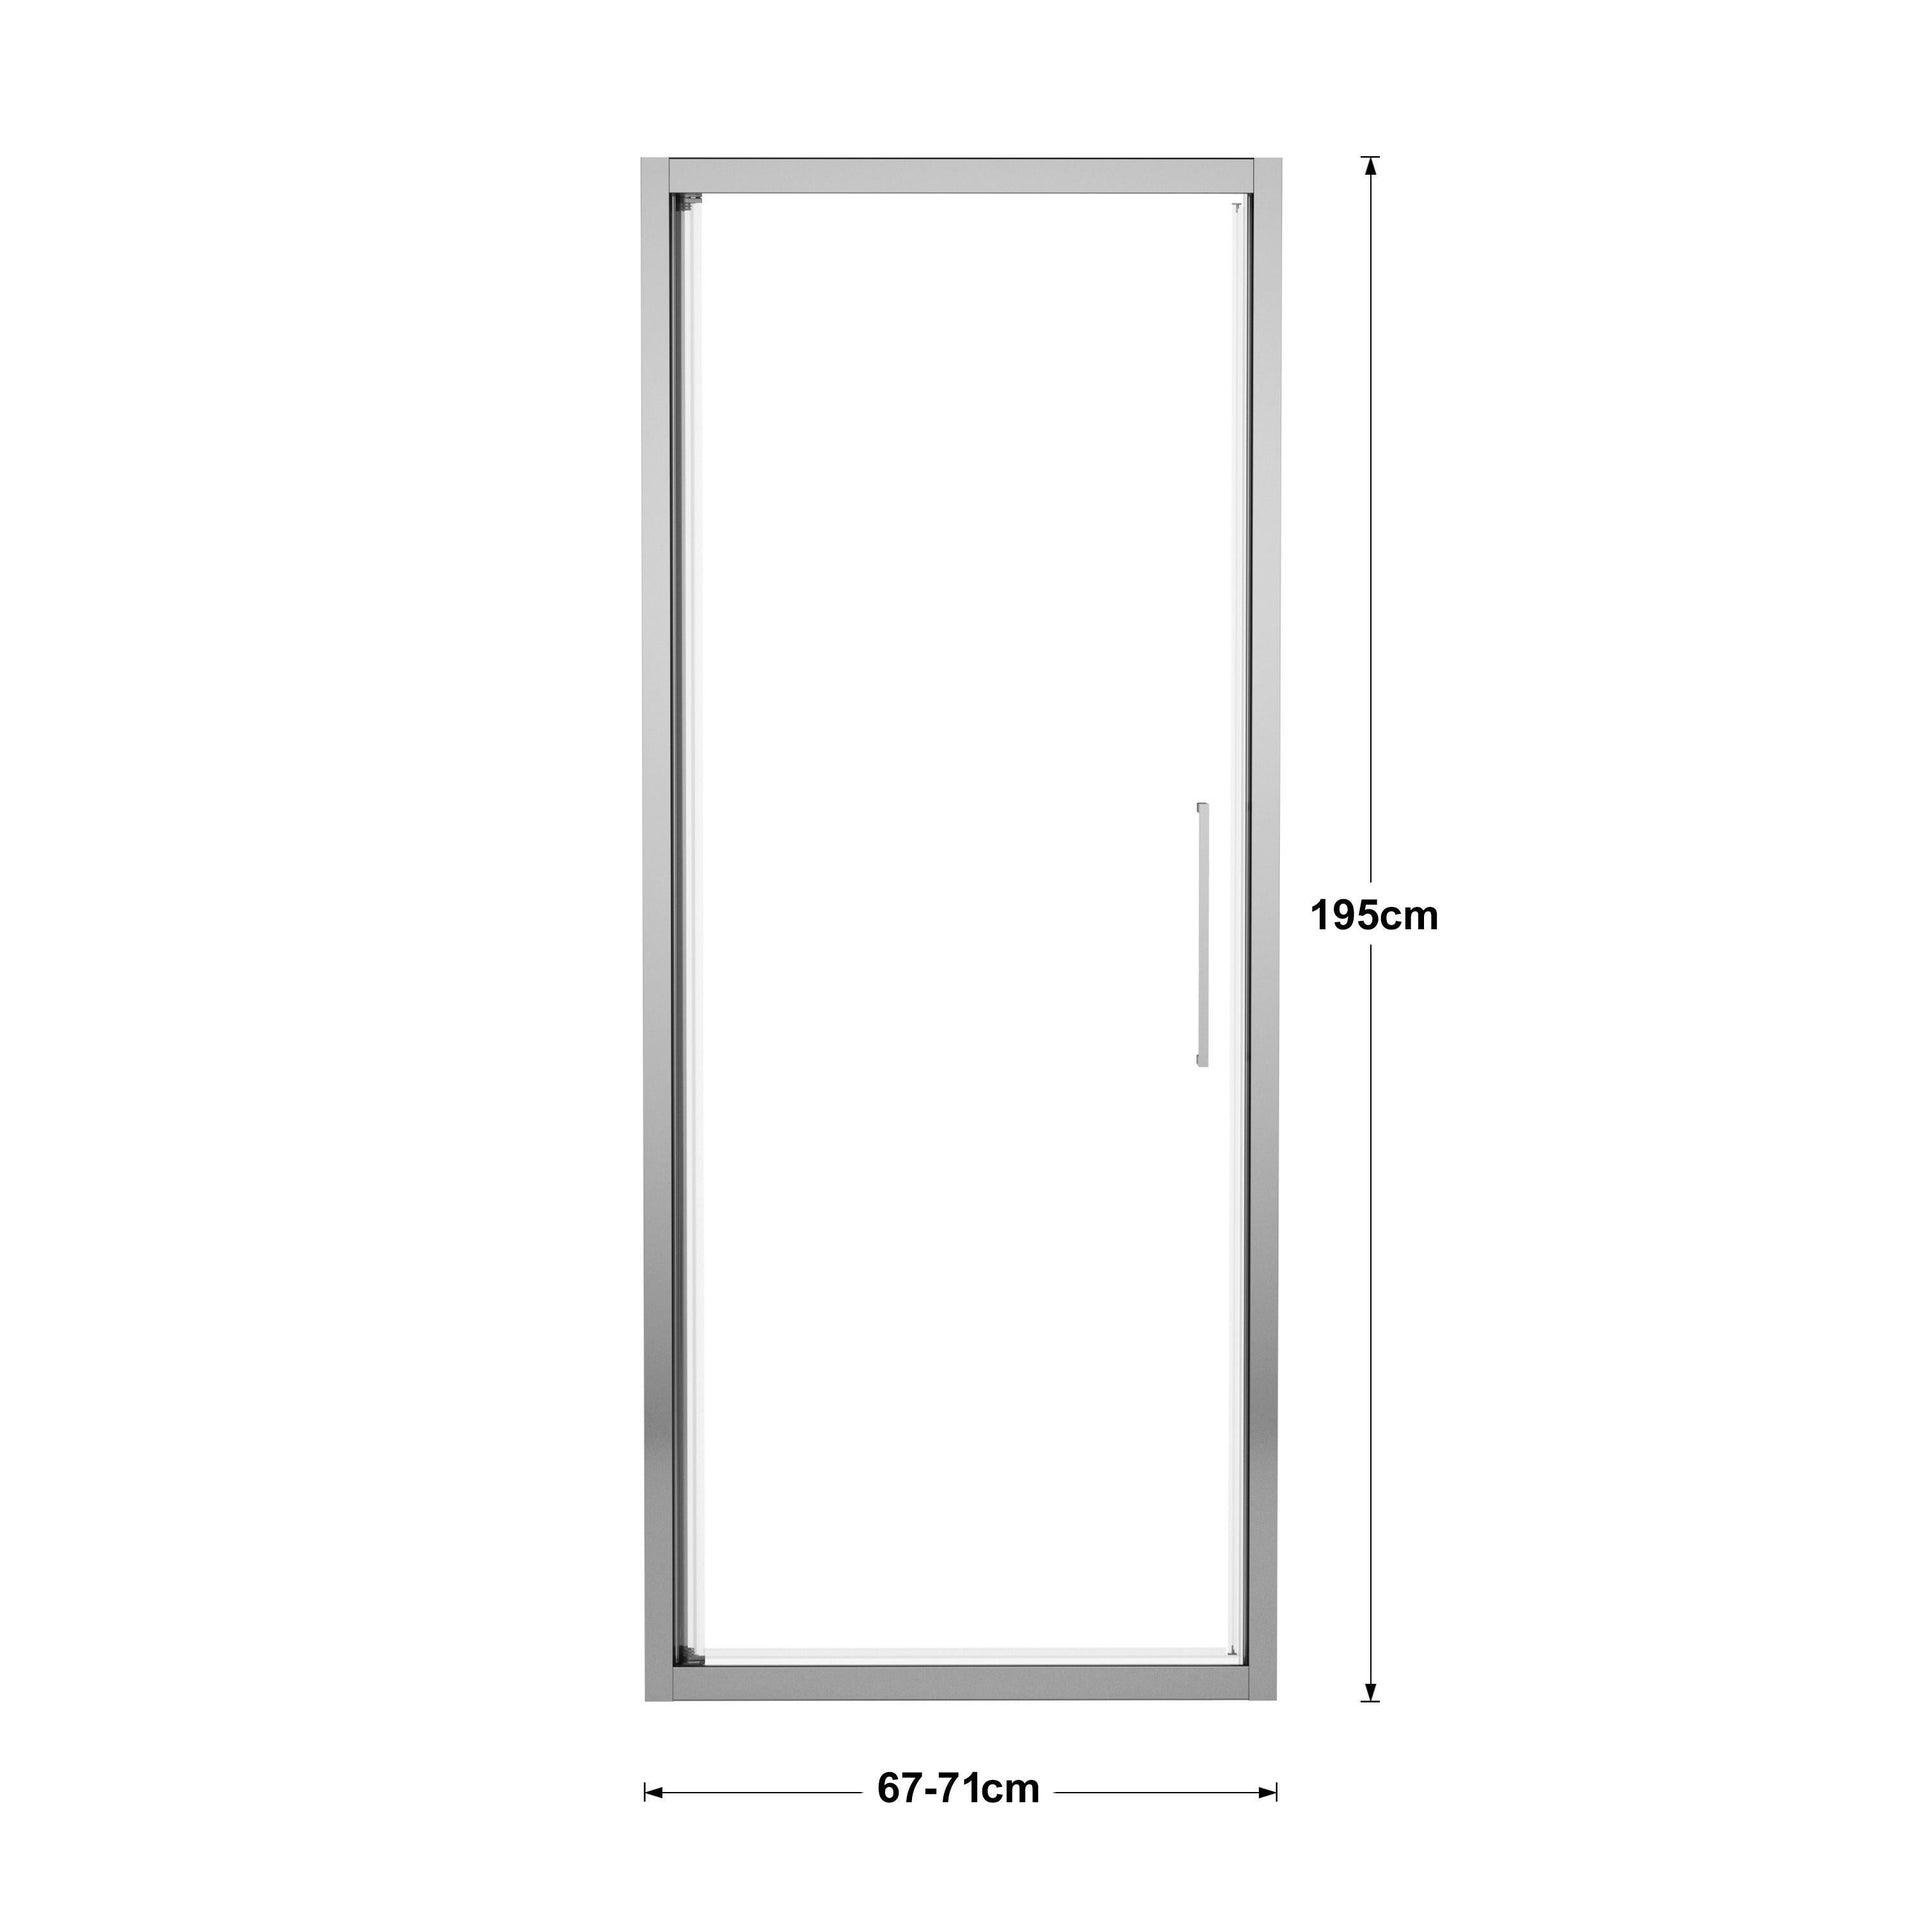 Porta doccia battente Record 67 cm, H 195 cm in vetro temprato, spessore 6 mm trasparente silver - 3